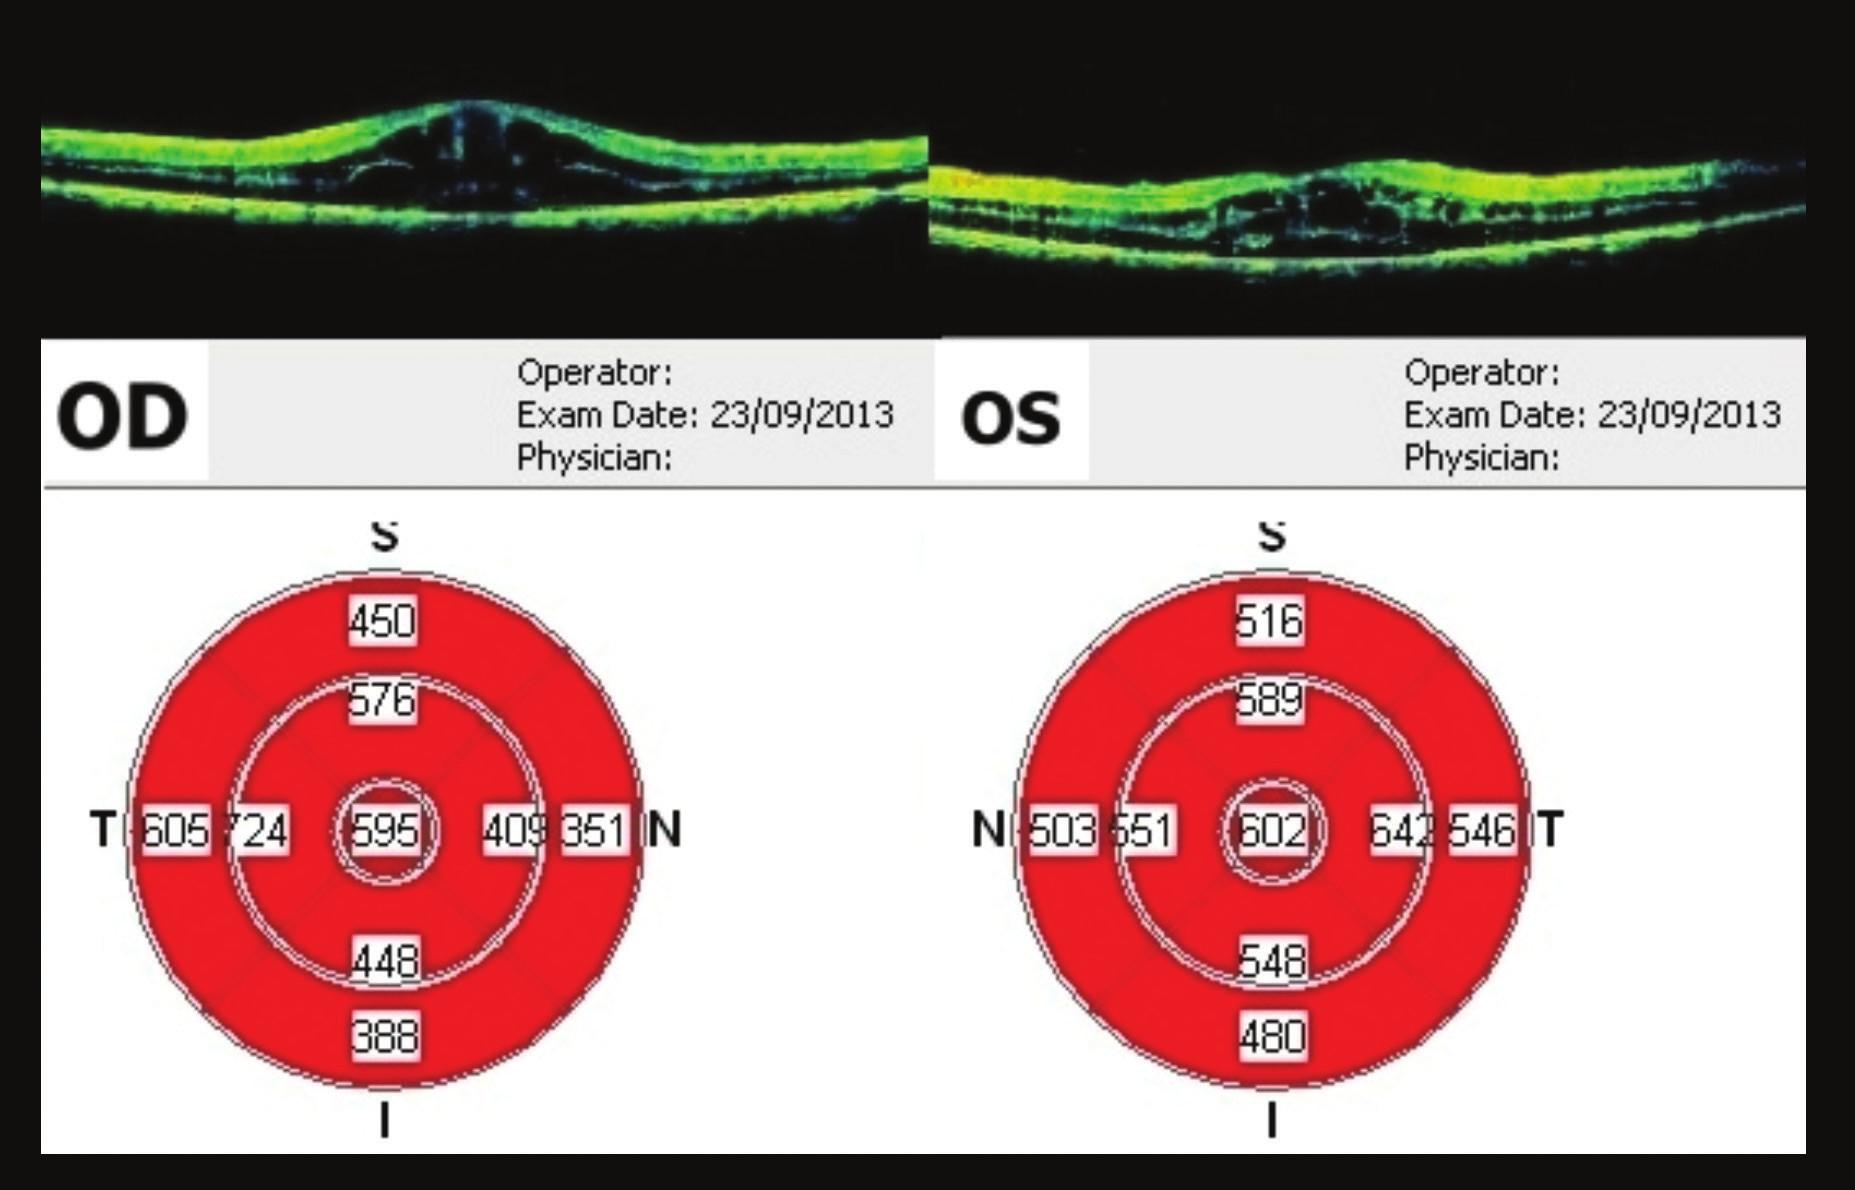 OCT makul 44 týdnů od prvního vyšetření CME, na OP ve fovee 595 μm, na OL 602 μm